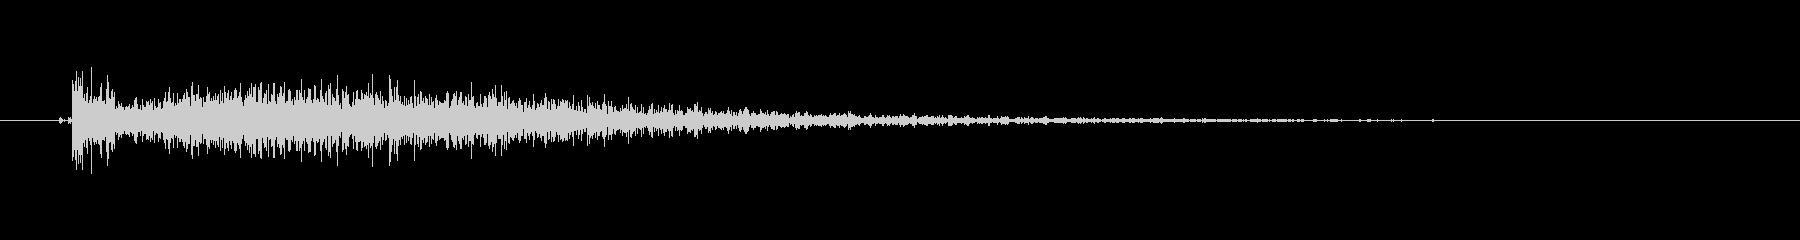 ボーカルブロー;光爆発シミュレーション。の未再生の波形